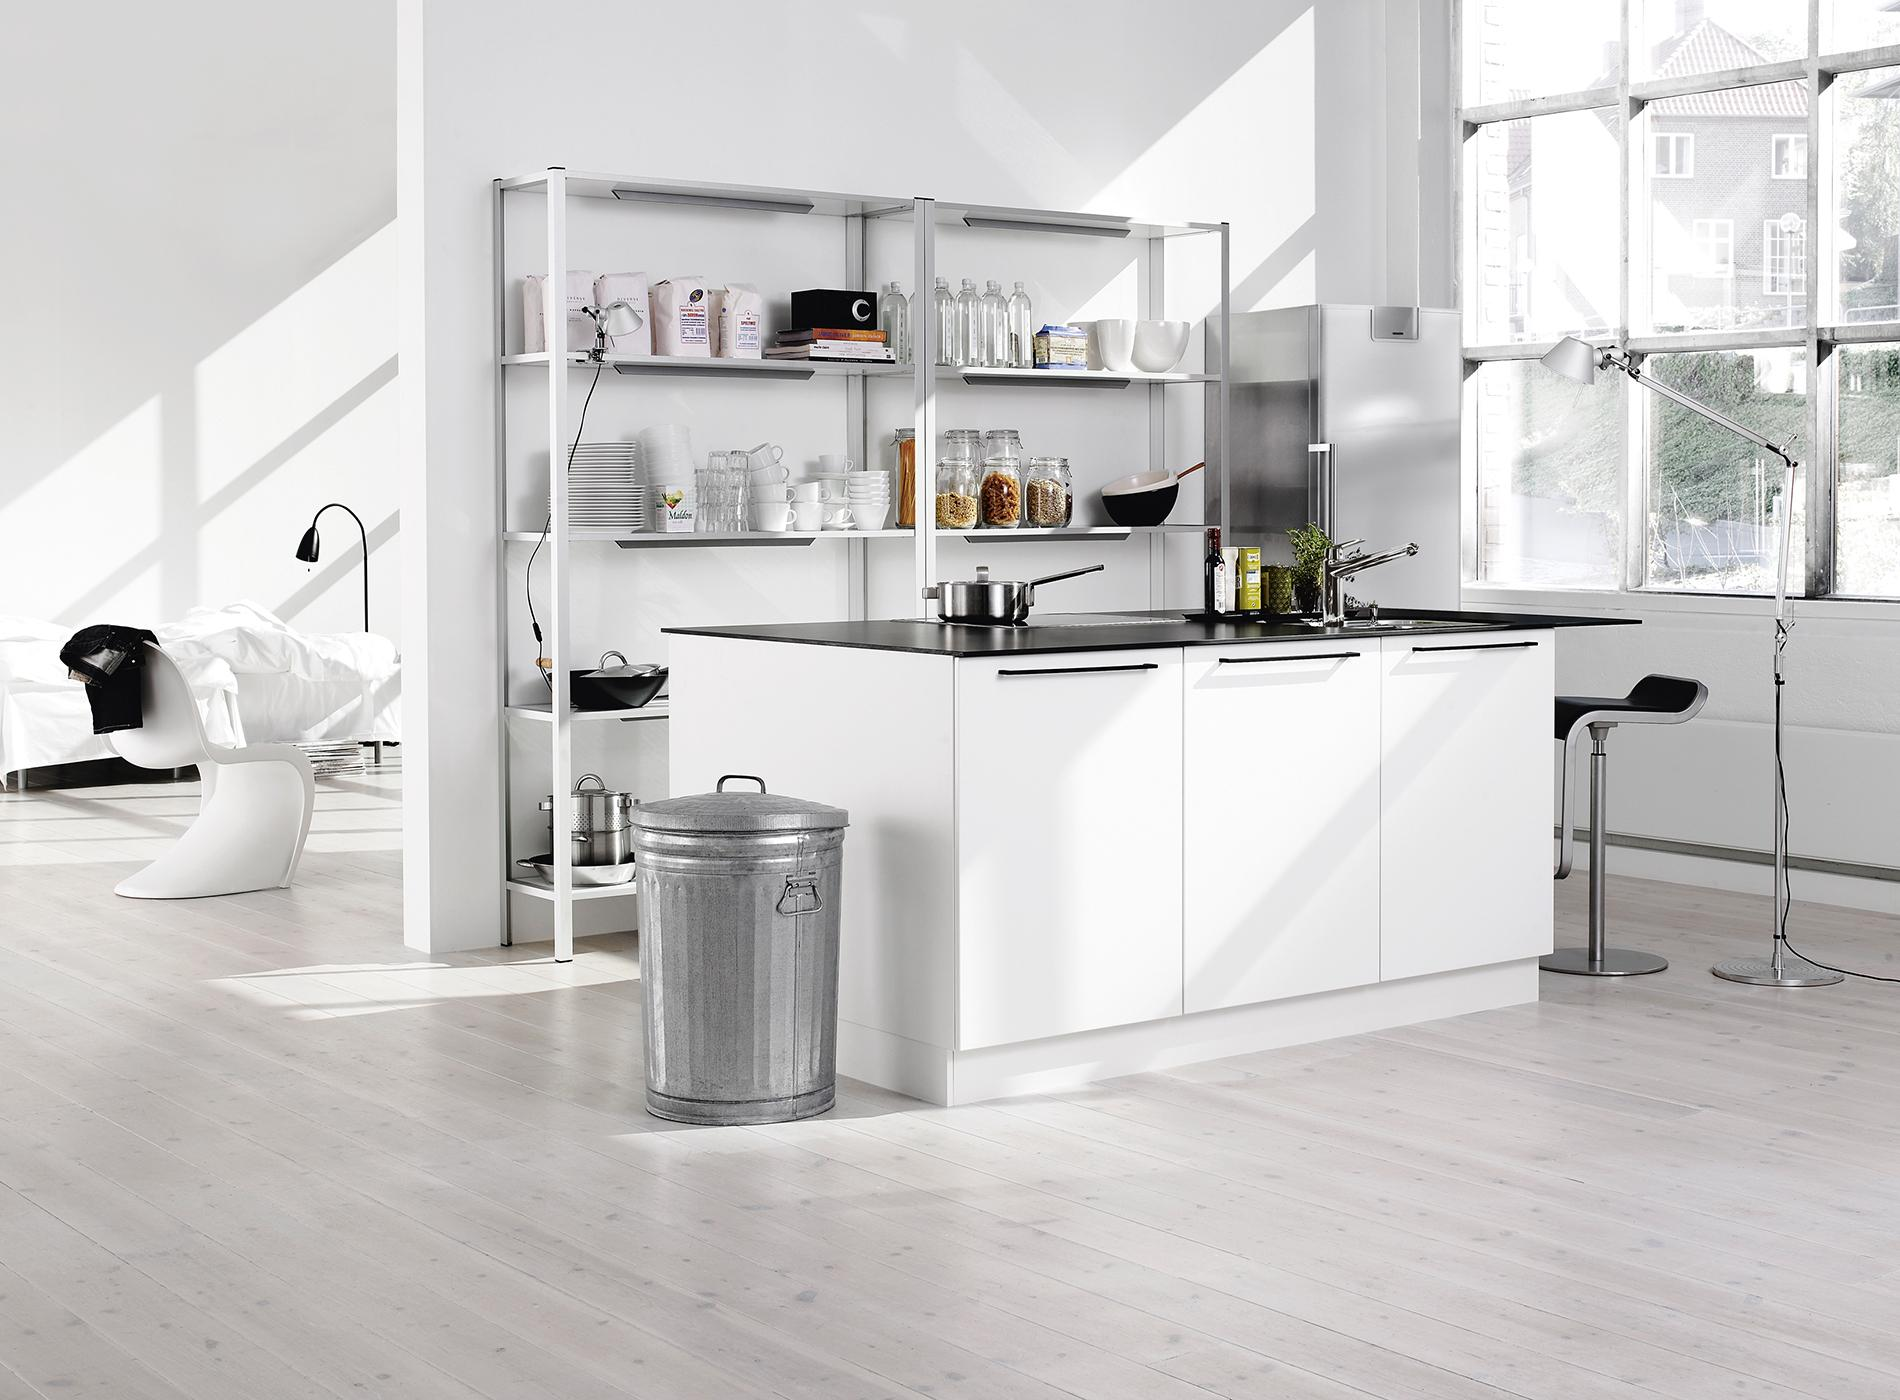 se faire une cuisine scandinave en 8 le ons le figaro madame. Black Bedroom Furniture Sets. Home Design Ideas